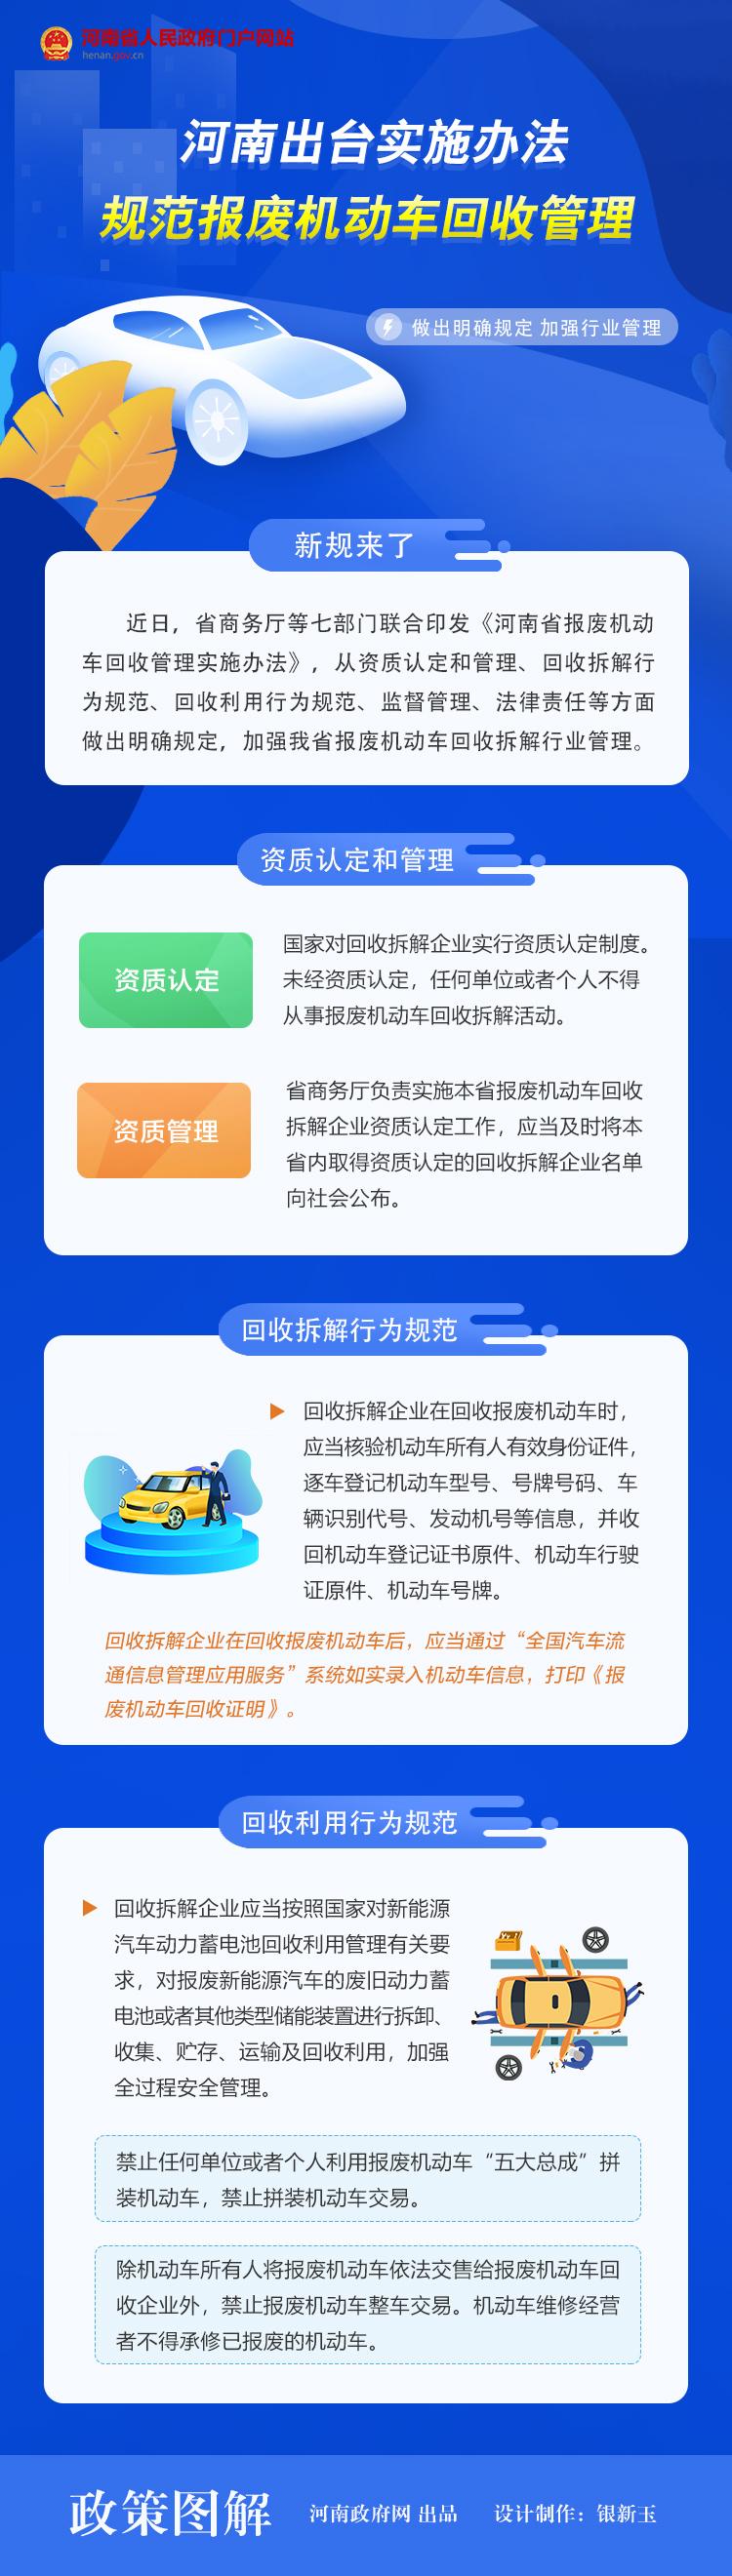 图解:河南出台实施办法 规范报废这个小弟有所交待机动车回收管理